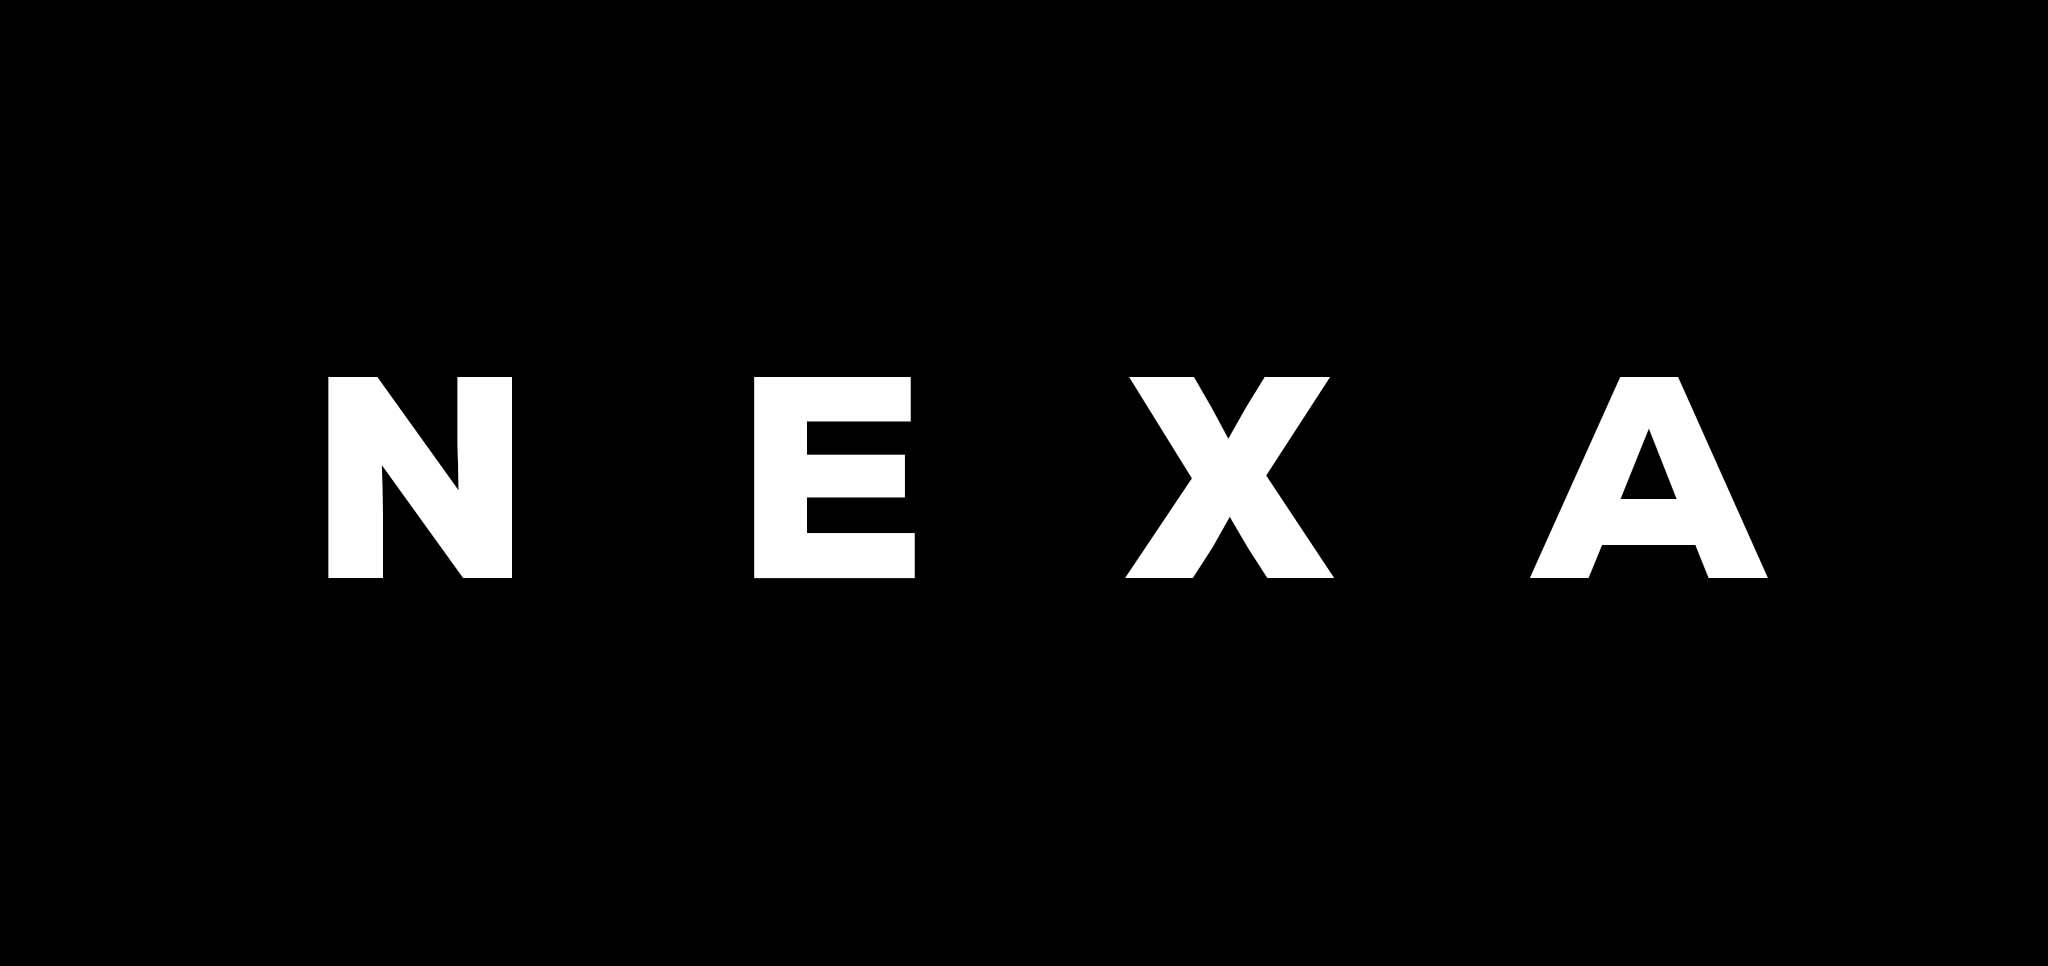 21 gratis stoere lettertypes - Nexa